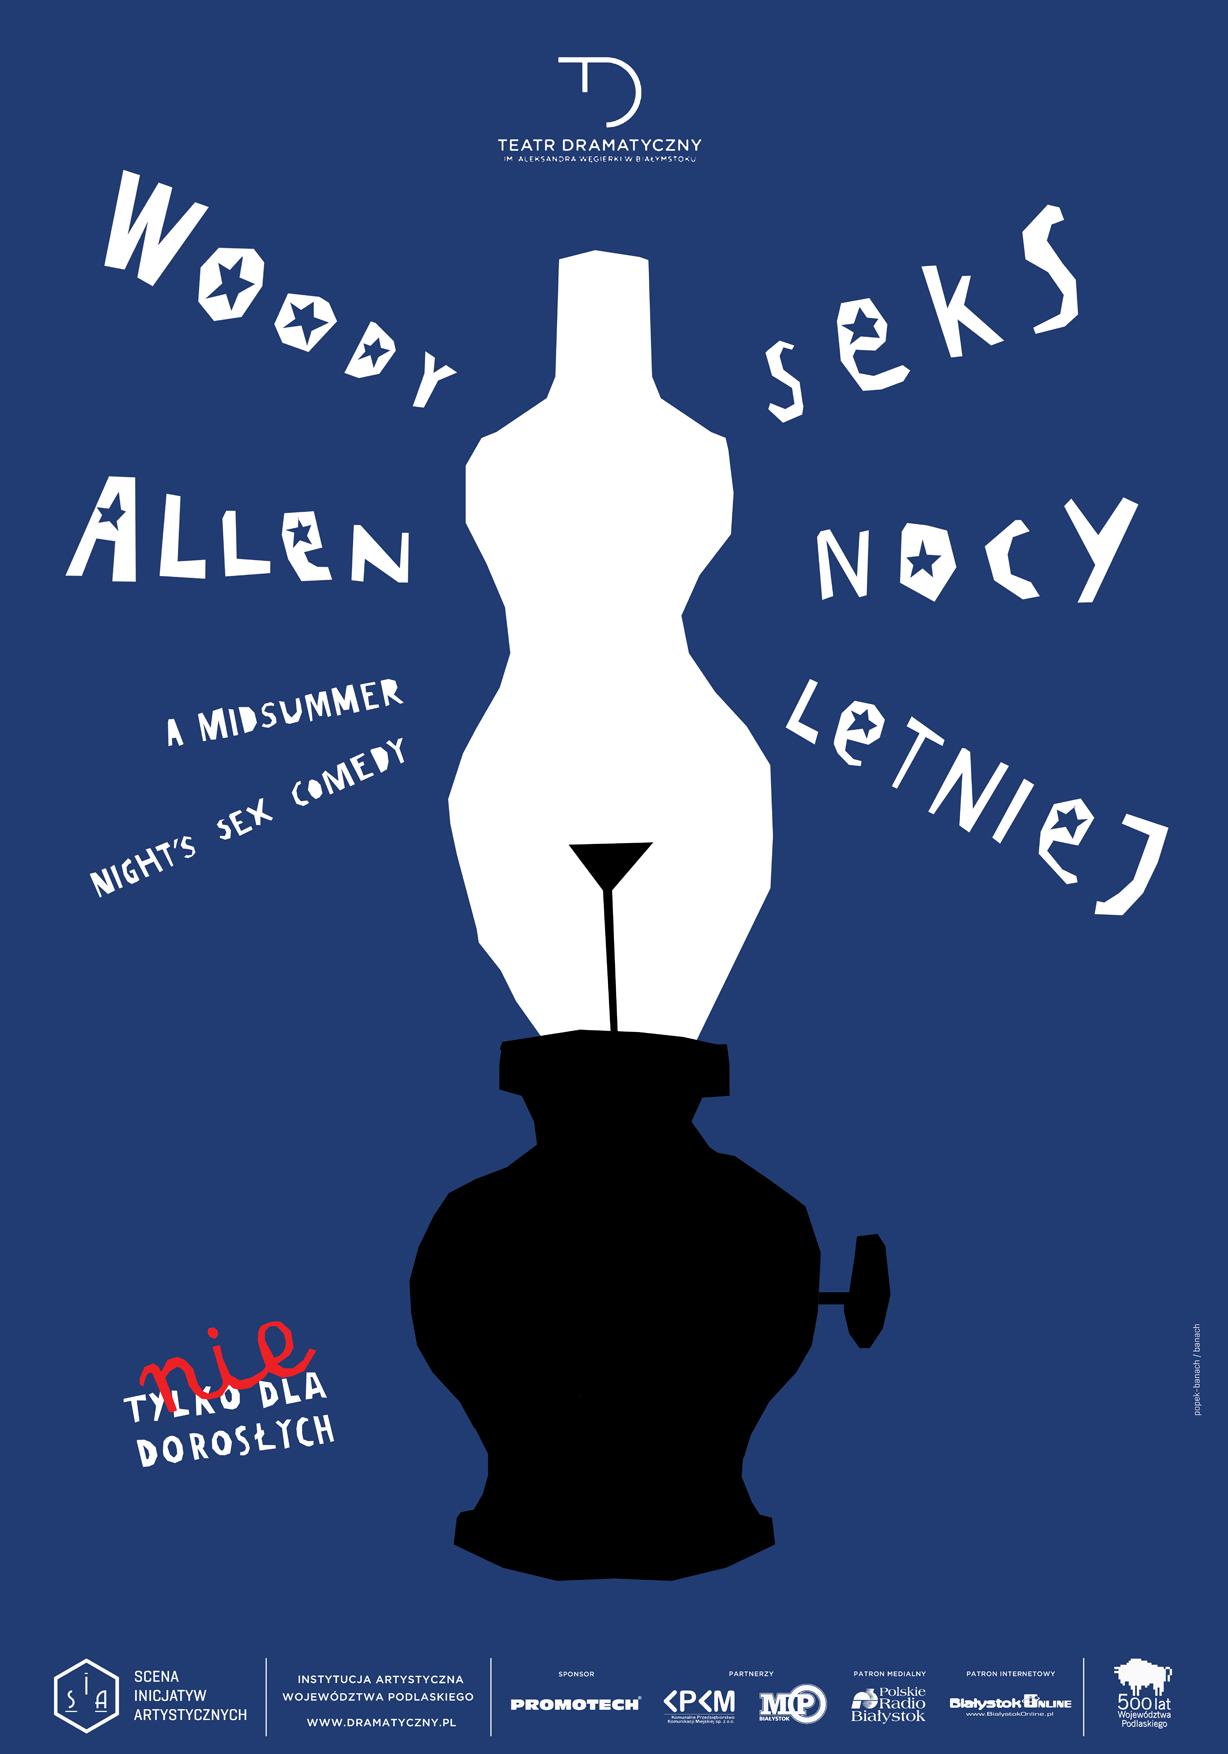 """""""Seks nocy letniej"""" Woody Allena, Teatr Dramatyczny im. Aleksandra Węgierki w Białymstoku (źródło: materiały prasowe)"""